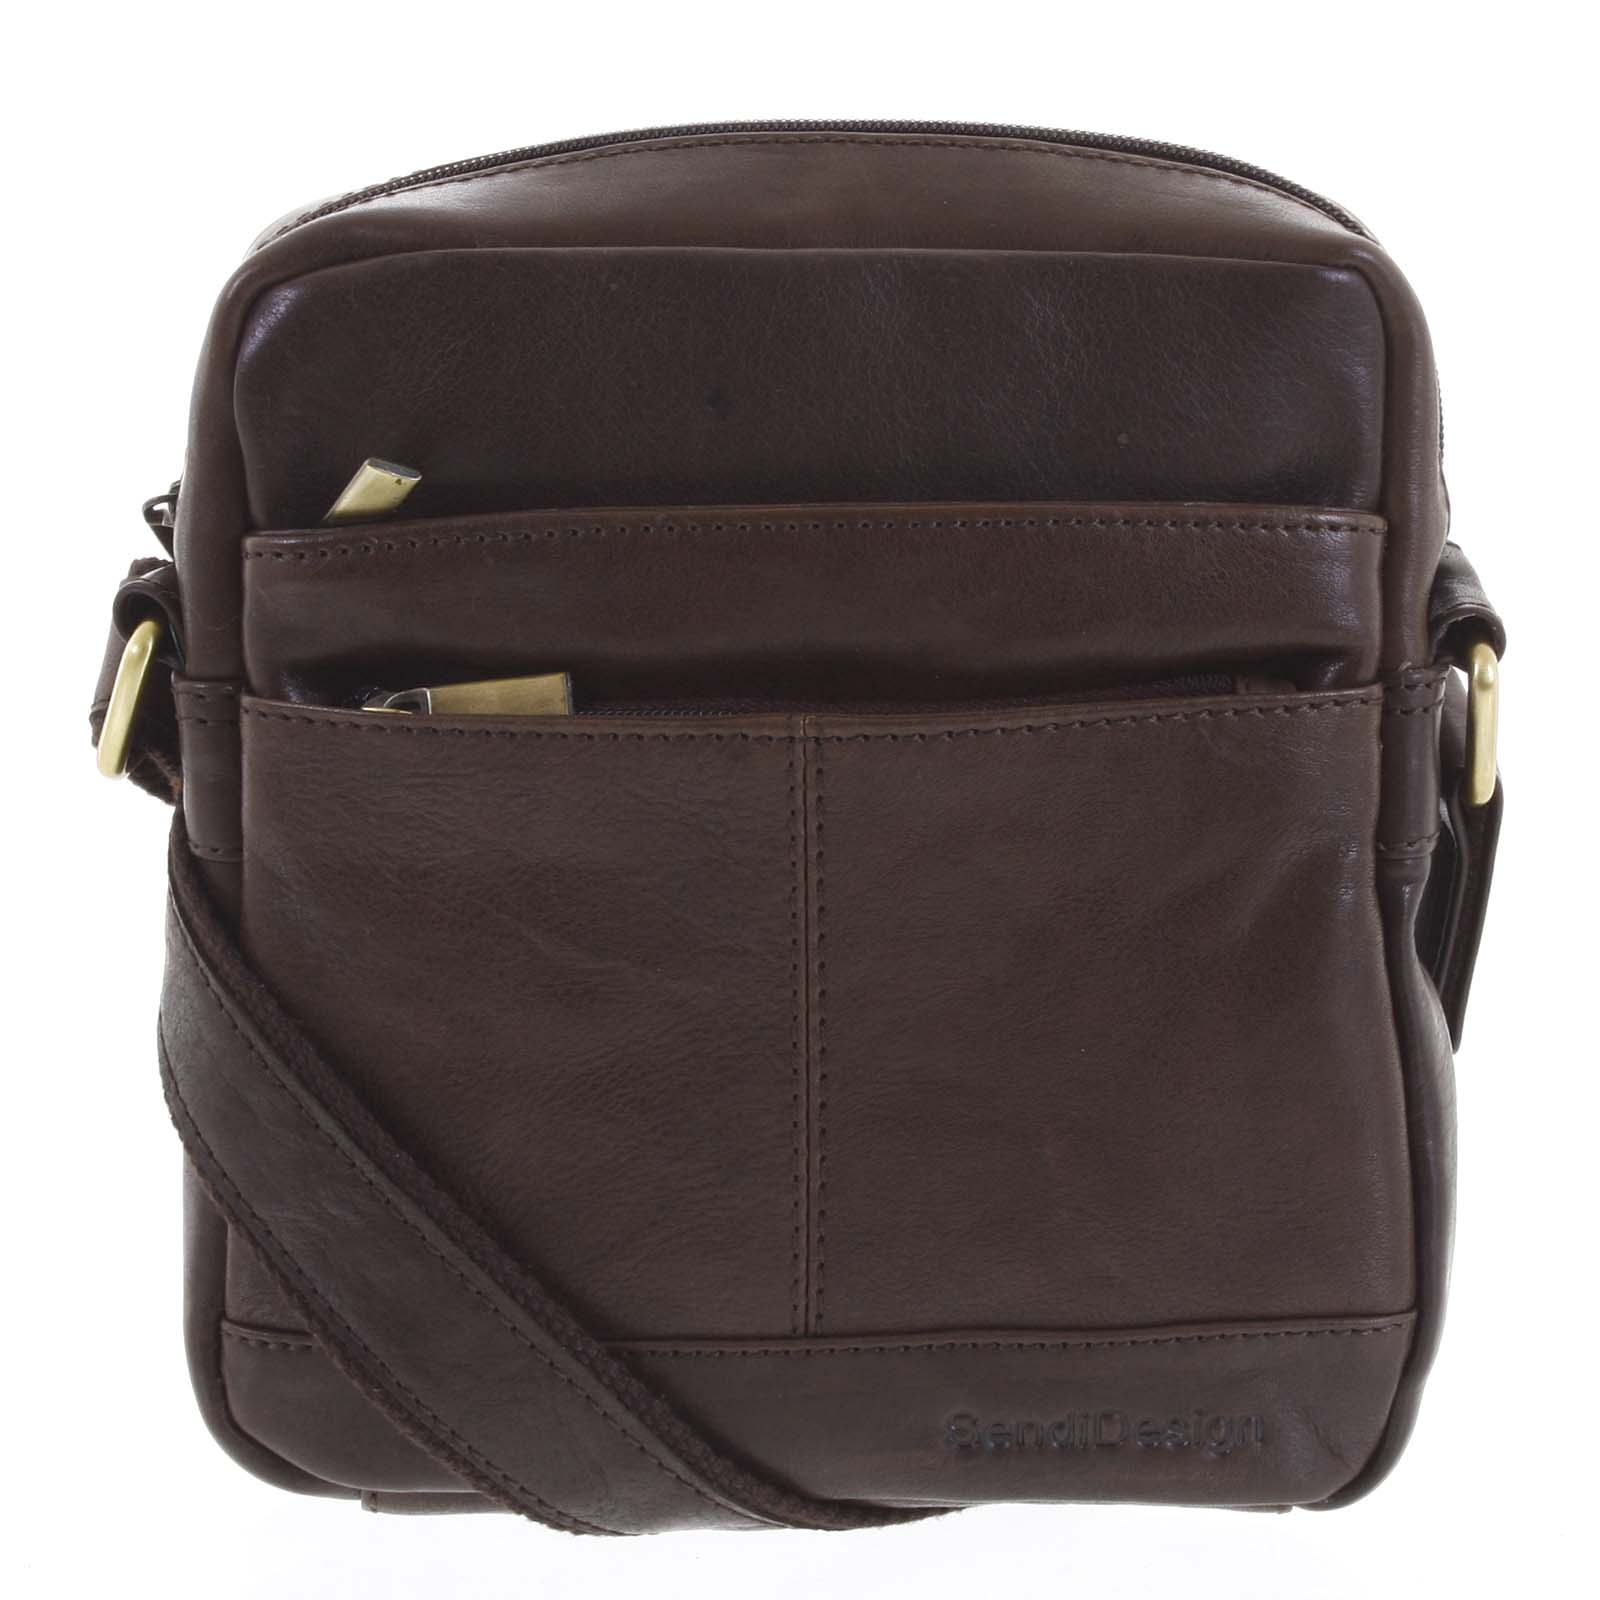 Pánská kožená taška tmavě hnědá - SendiDesign Shaper